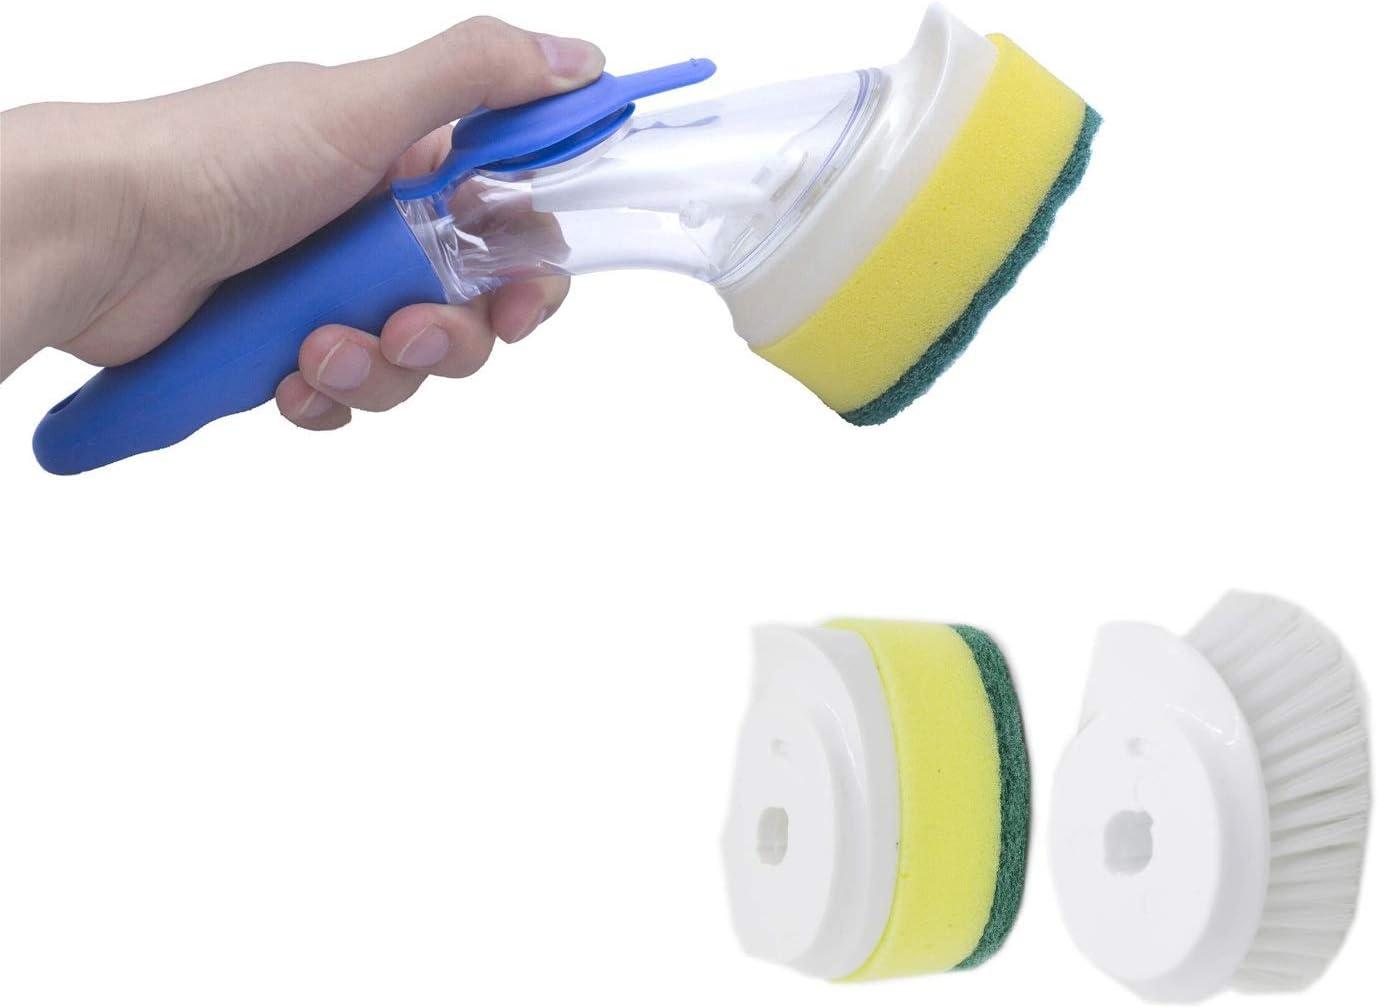 Yohong 3 Pack Cepillo de limpieza con detergente, Esponja Cepillo de limpieza para utensilios de cocina Fácil y Ahorro de tiempo, adecuado para cocina, baño, salón: Amazon.es: Hogar